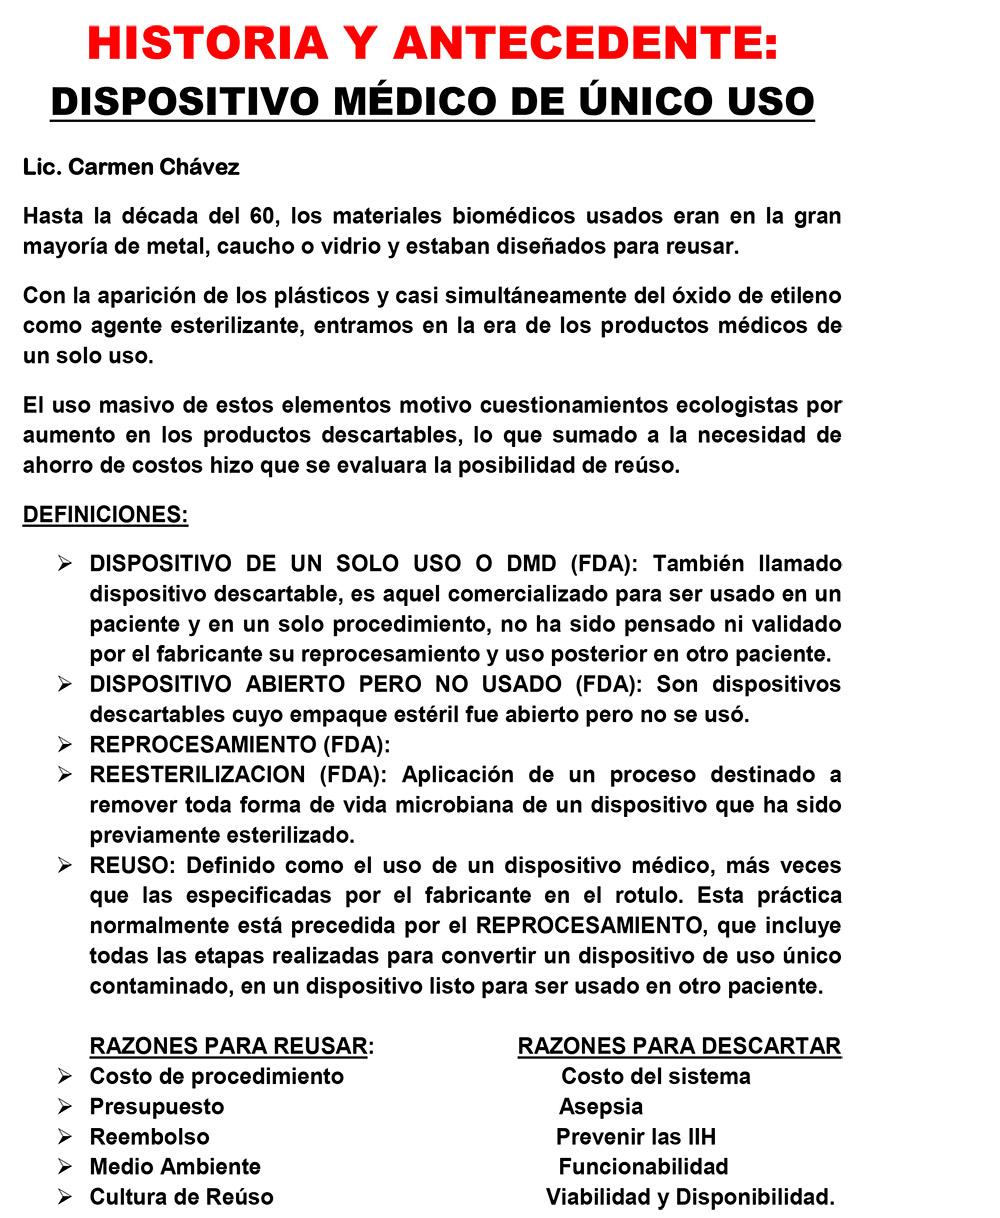 i_encuentro_cientifico_1016-1